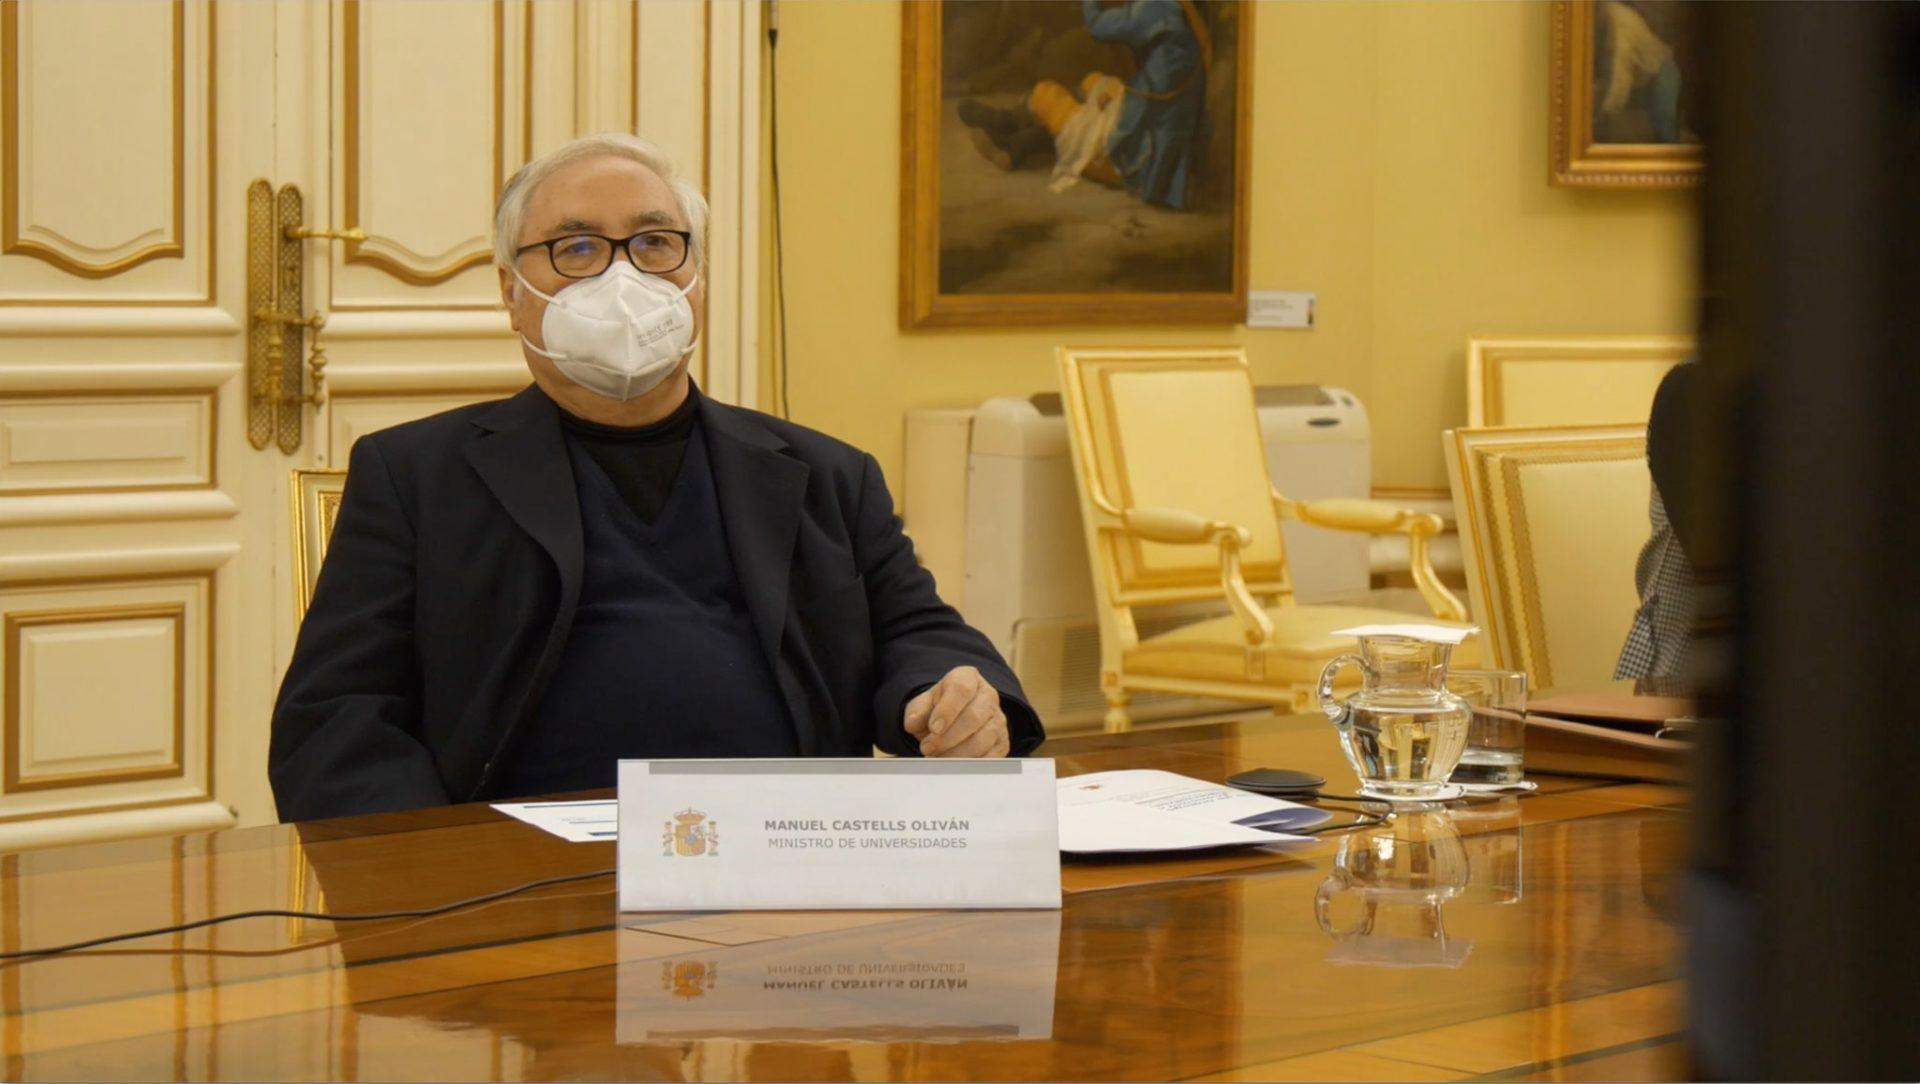 Manuel Castellos sobre una taula després d'un cartell amb el seu nom